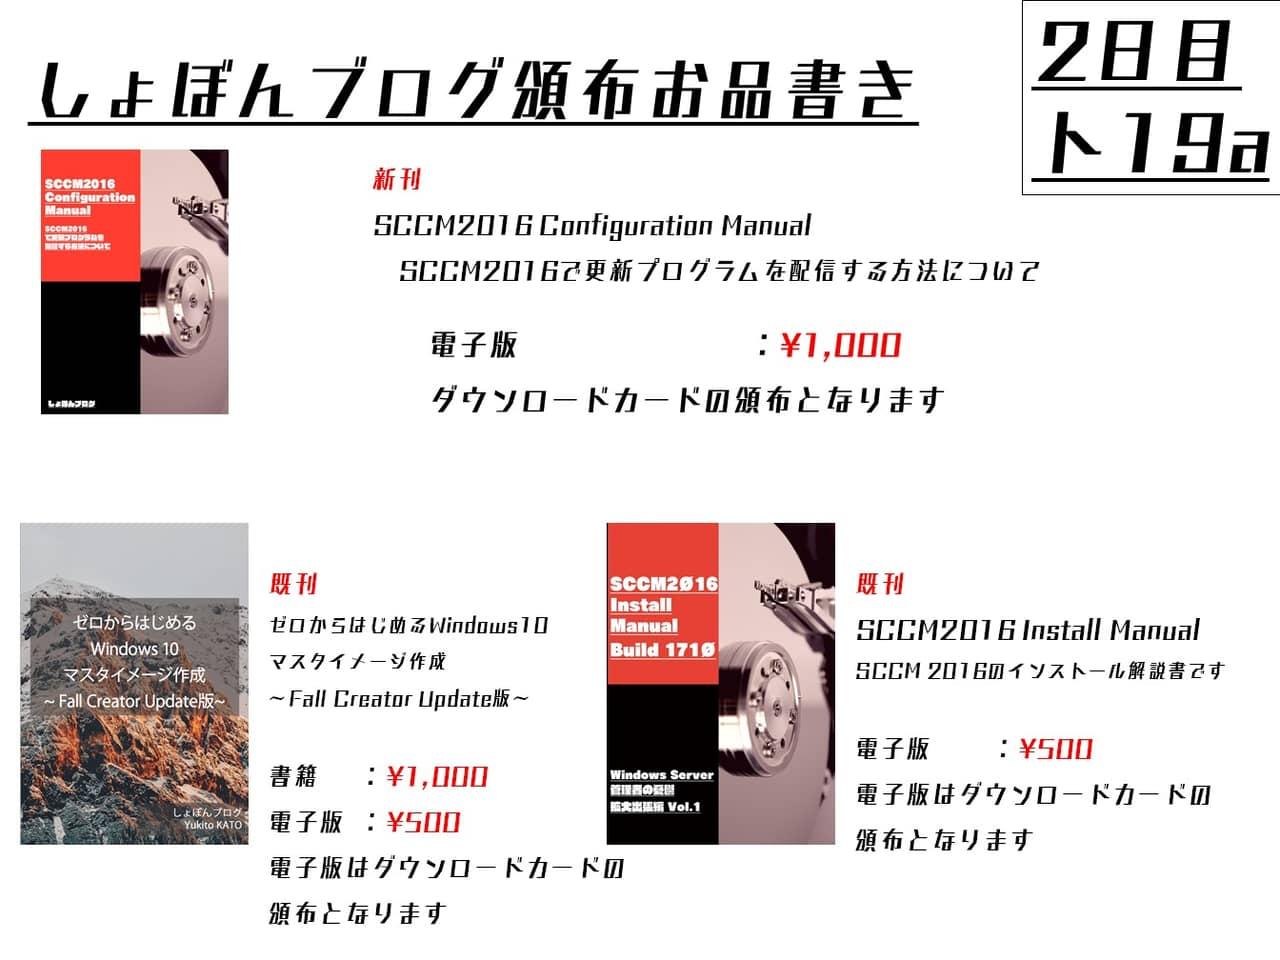 【2日目 ト19a】コミックマーケットC95頒布物について